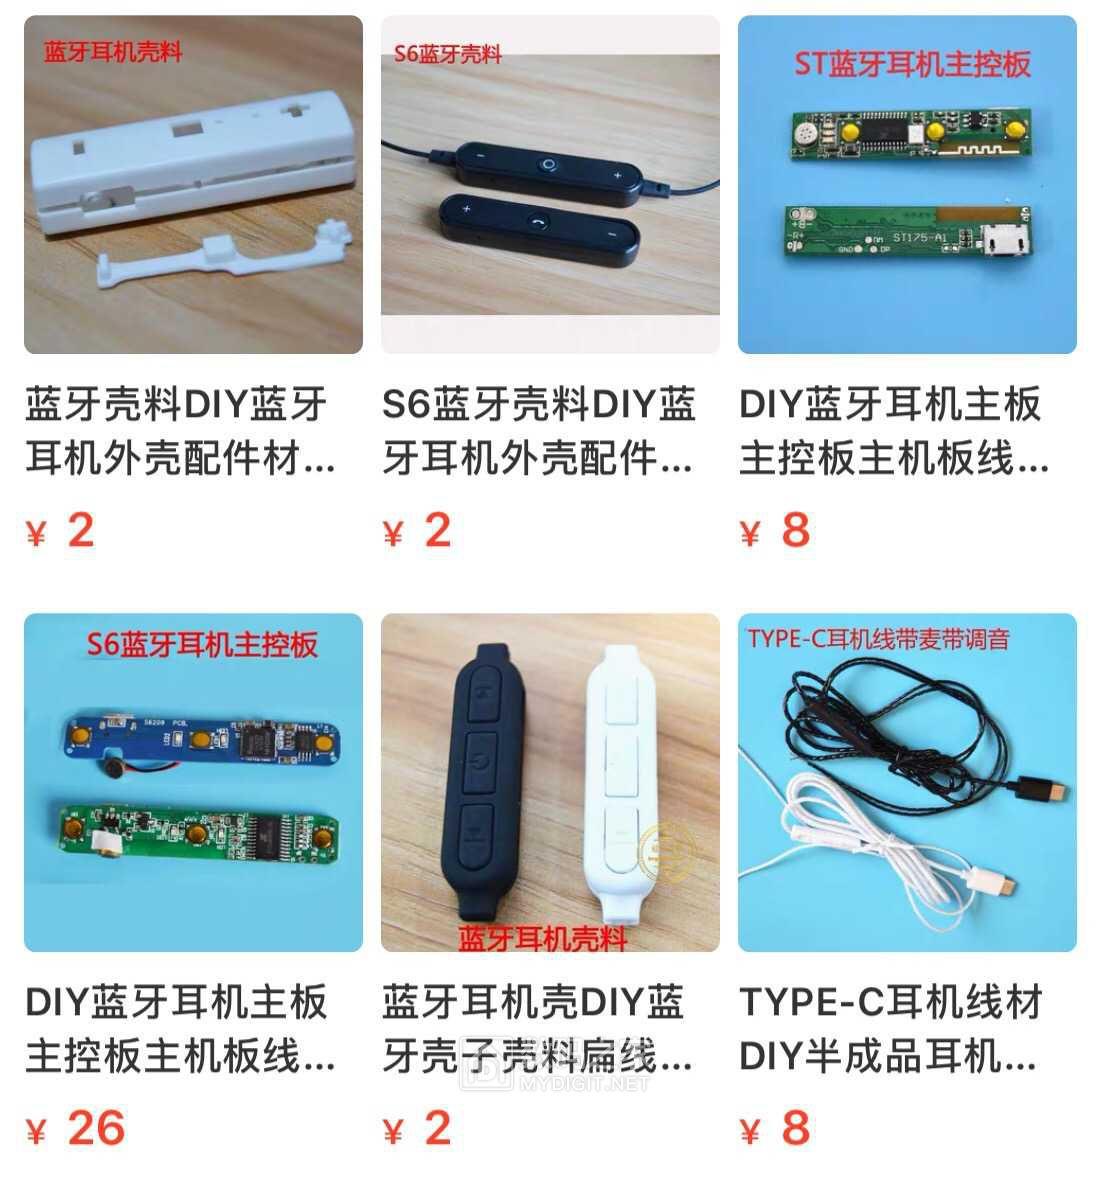 72C6D806-9D1B-4DE5-AF2A-D06A6D15272D.jpeg